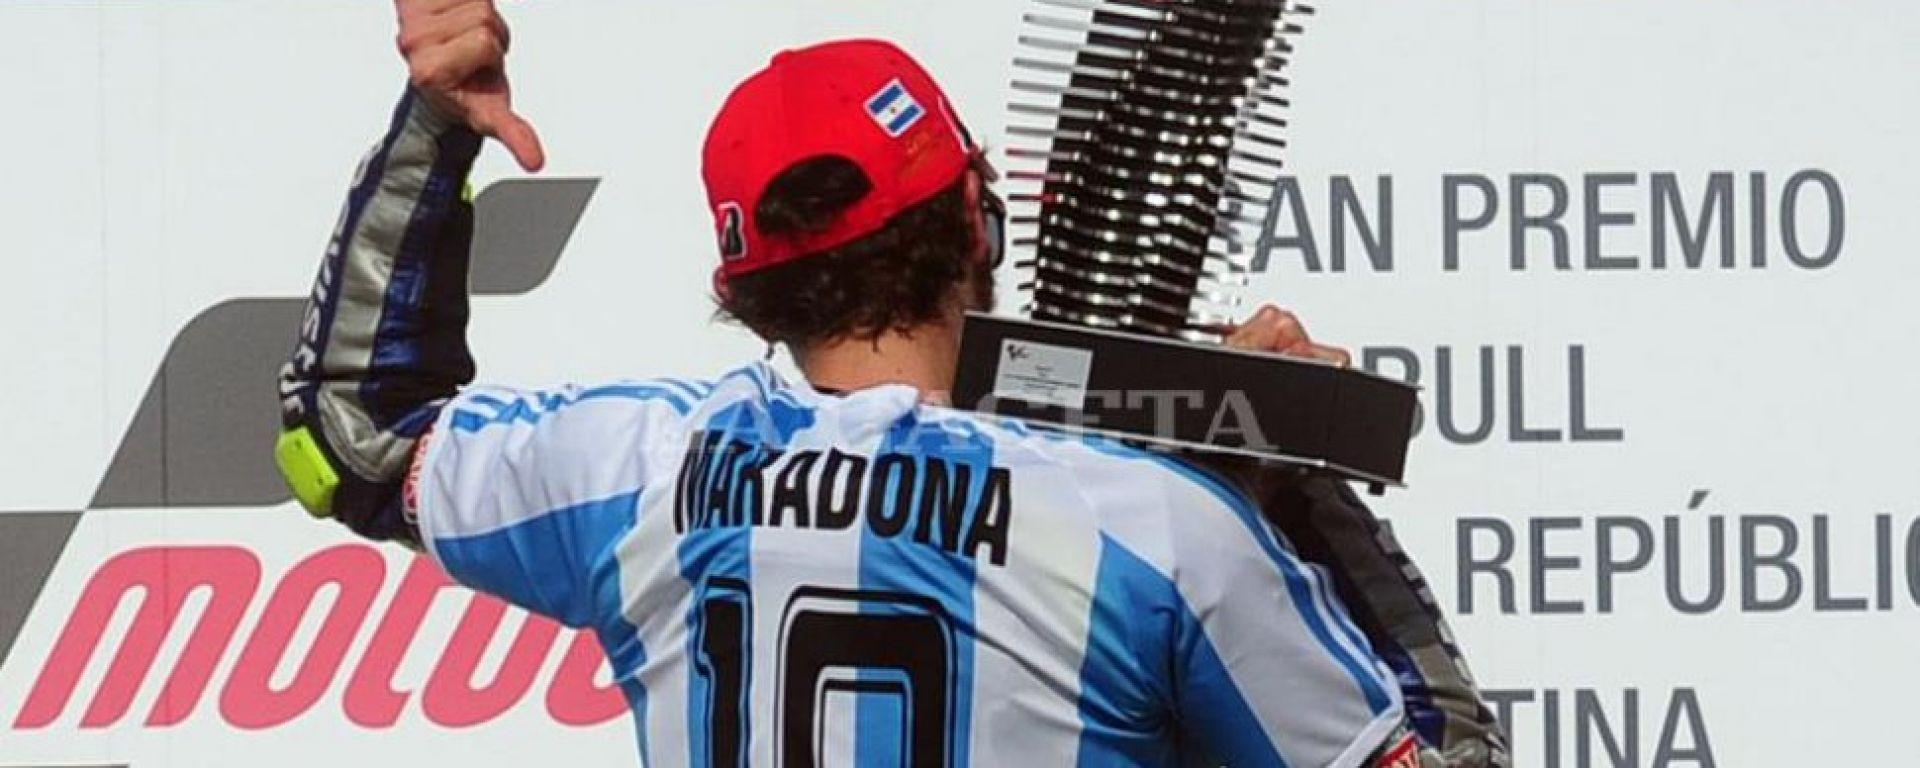 MotoGP, GP Argentina 2015: Valentino Rossi sul podio con la maglia di Maradona